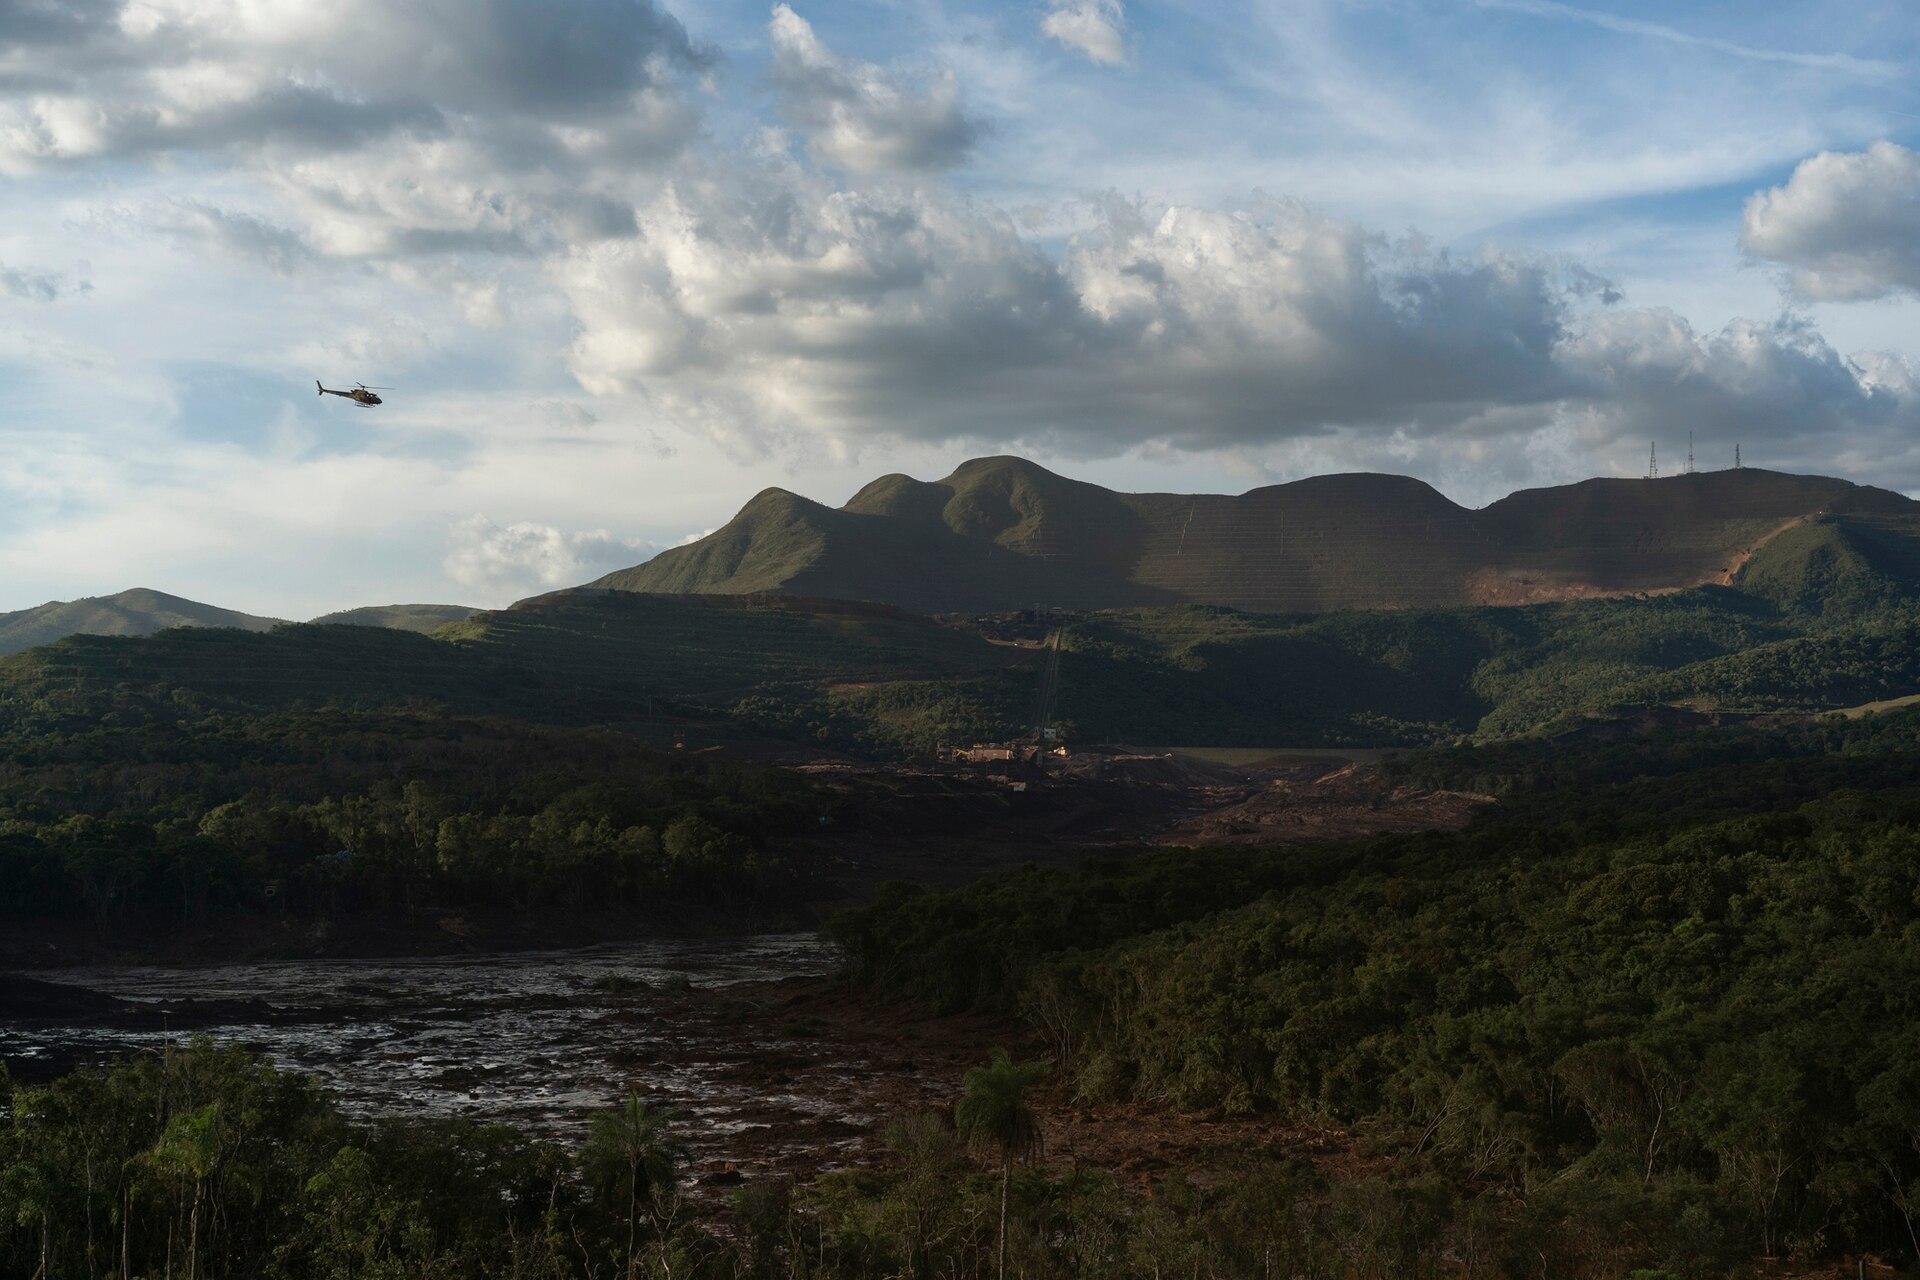 Miembros de la operación de rescate sobrevuelan el sitio donde se derrumbó una presa hace dos días, junto a la represa B6 que también tenía una alerta de colapso, en Brumadinho, Brasil, el 27 de enero. Las autoridades evacuaron varios vecindarios en la ciudad sureste de Brumadinho que estaban dentro